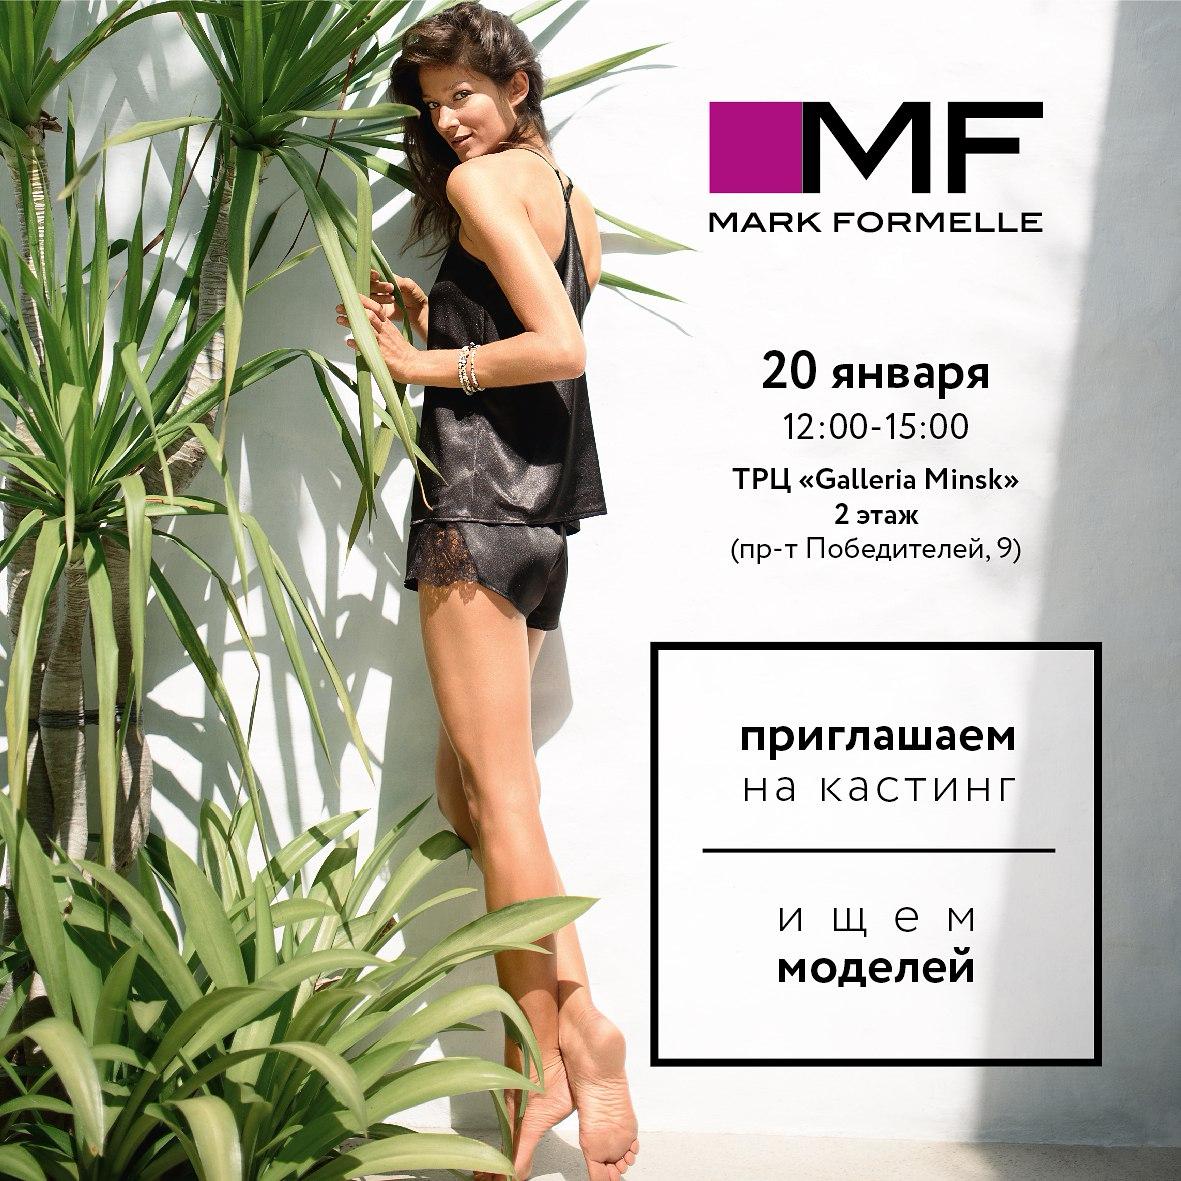 Кастинги моделей 2018 работа девушка модель для макияжа москва